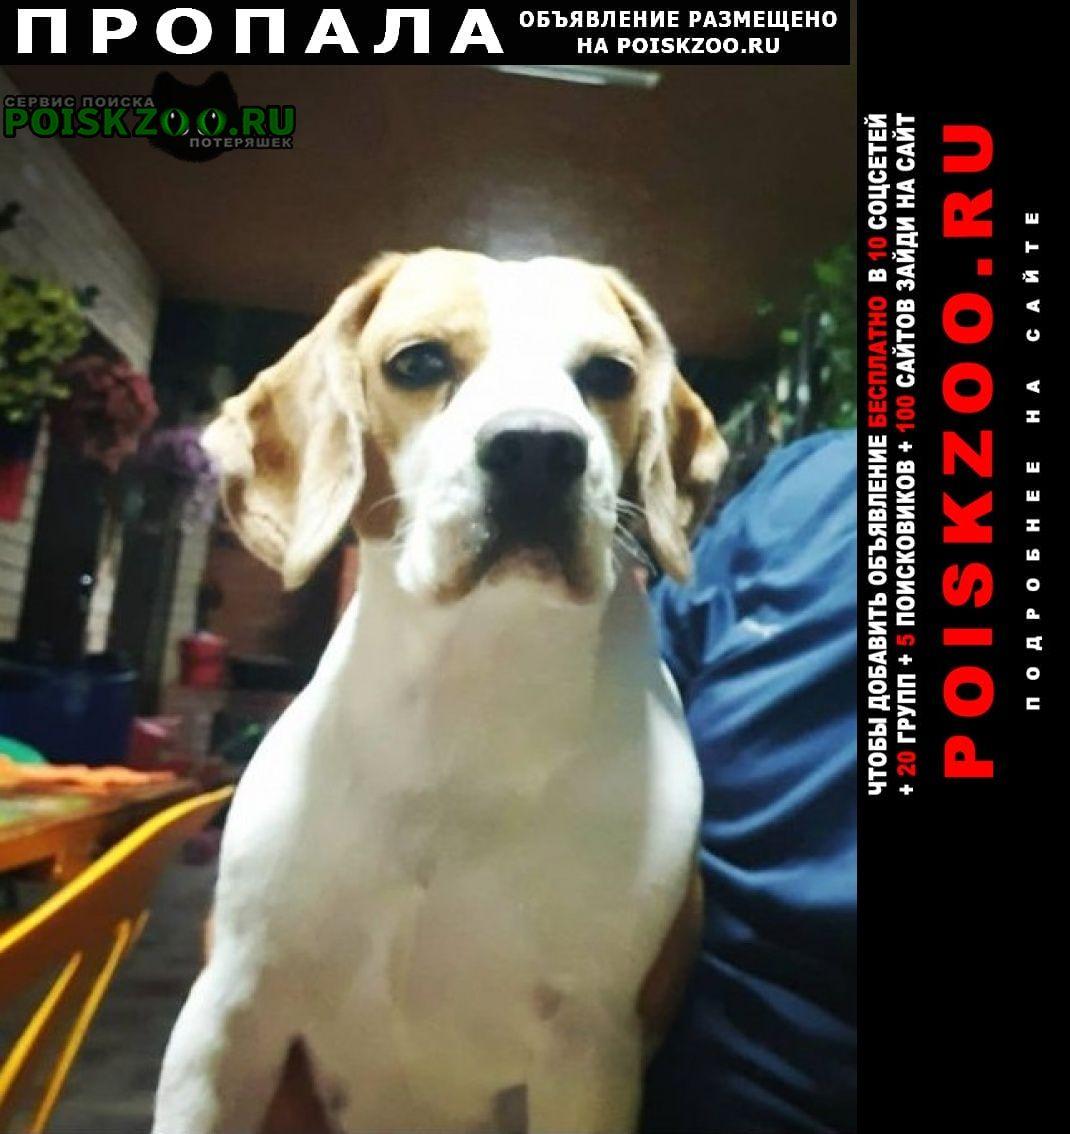 Пропала собака прошу вернуть за вознаграждение Невинномысск